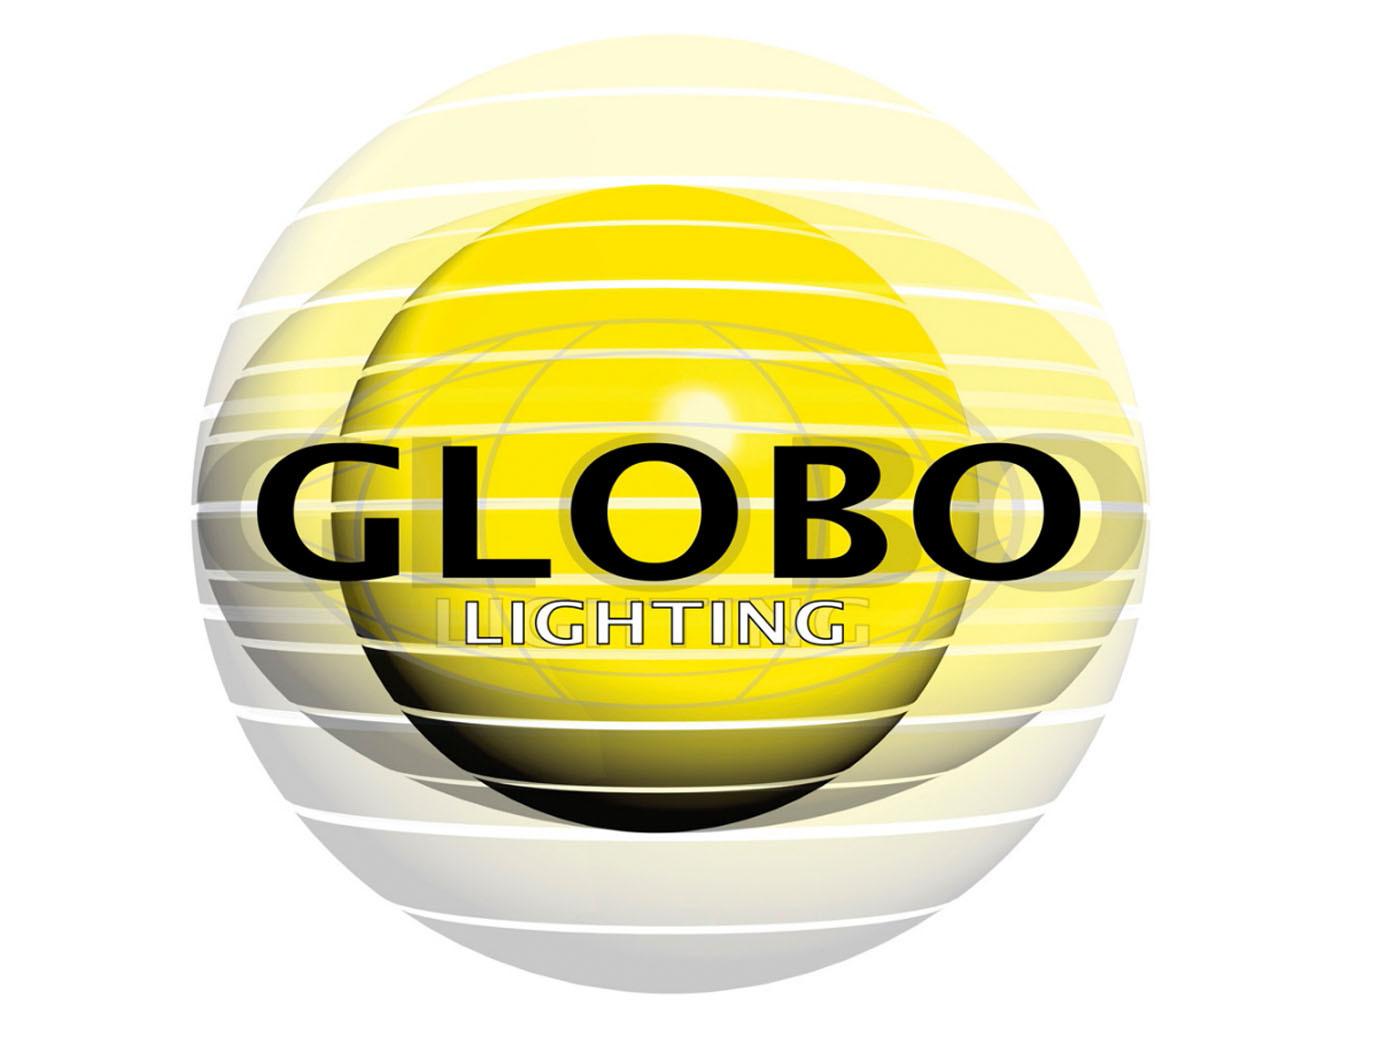 Globo Deckenleuchte 25cm Glas weiß bunt Deckenschale Deckenlampe Wohnzimmer Flur